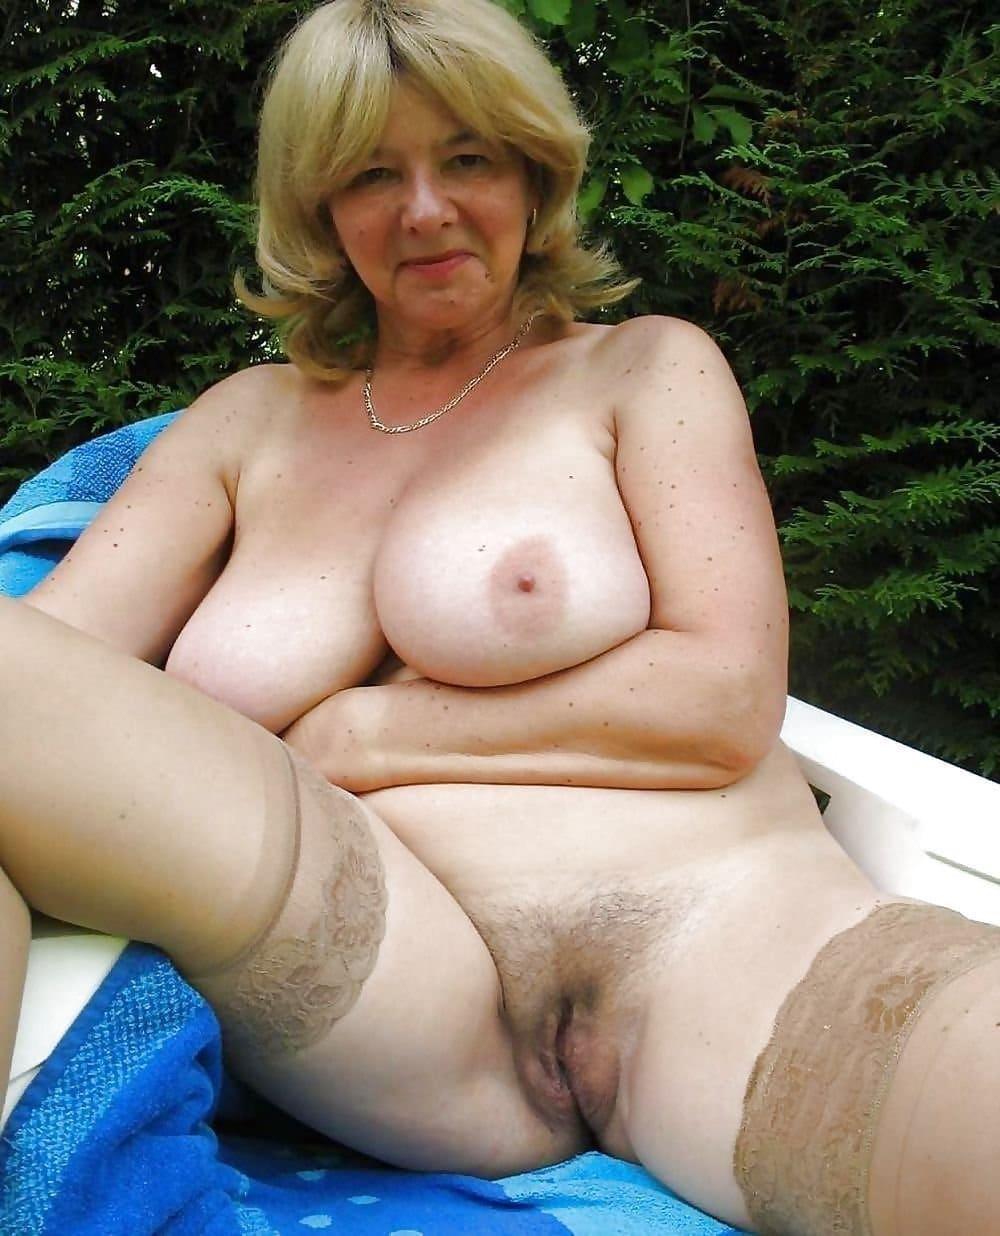 Голые тетки порно блондинка с большими сиськами в светлых чулках сидит раздвинув ноги, показывает небритую пизду